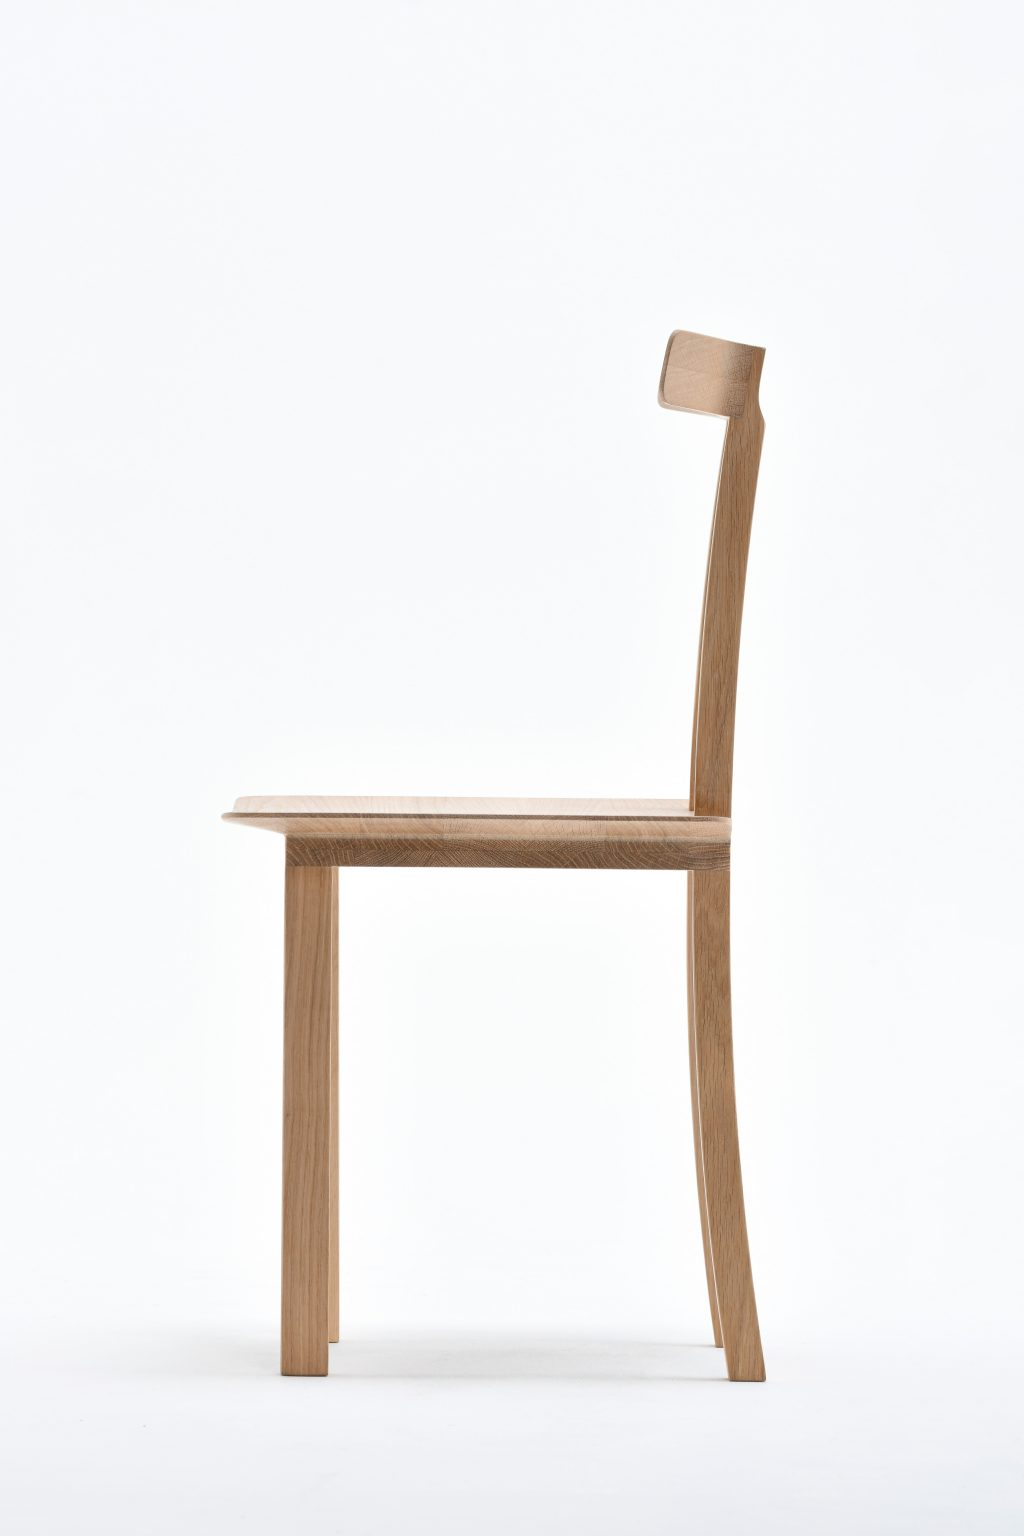 Biennale Interieur - Belgium's leading design and interior event - Dsc_8571.jpg